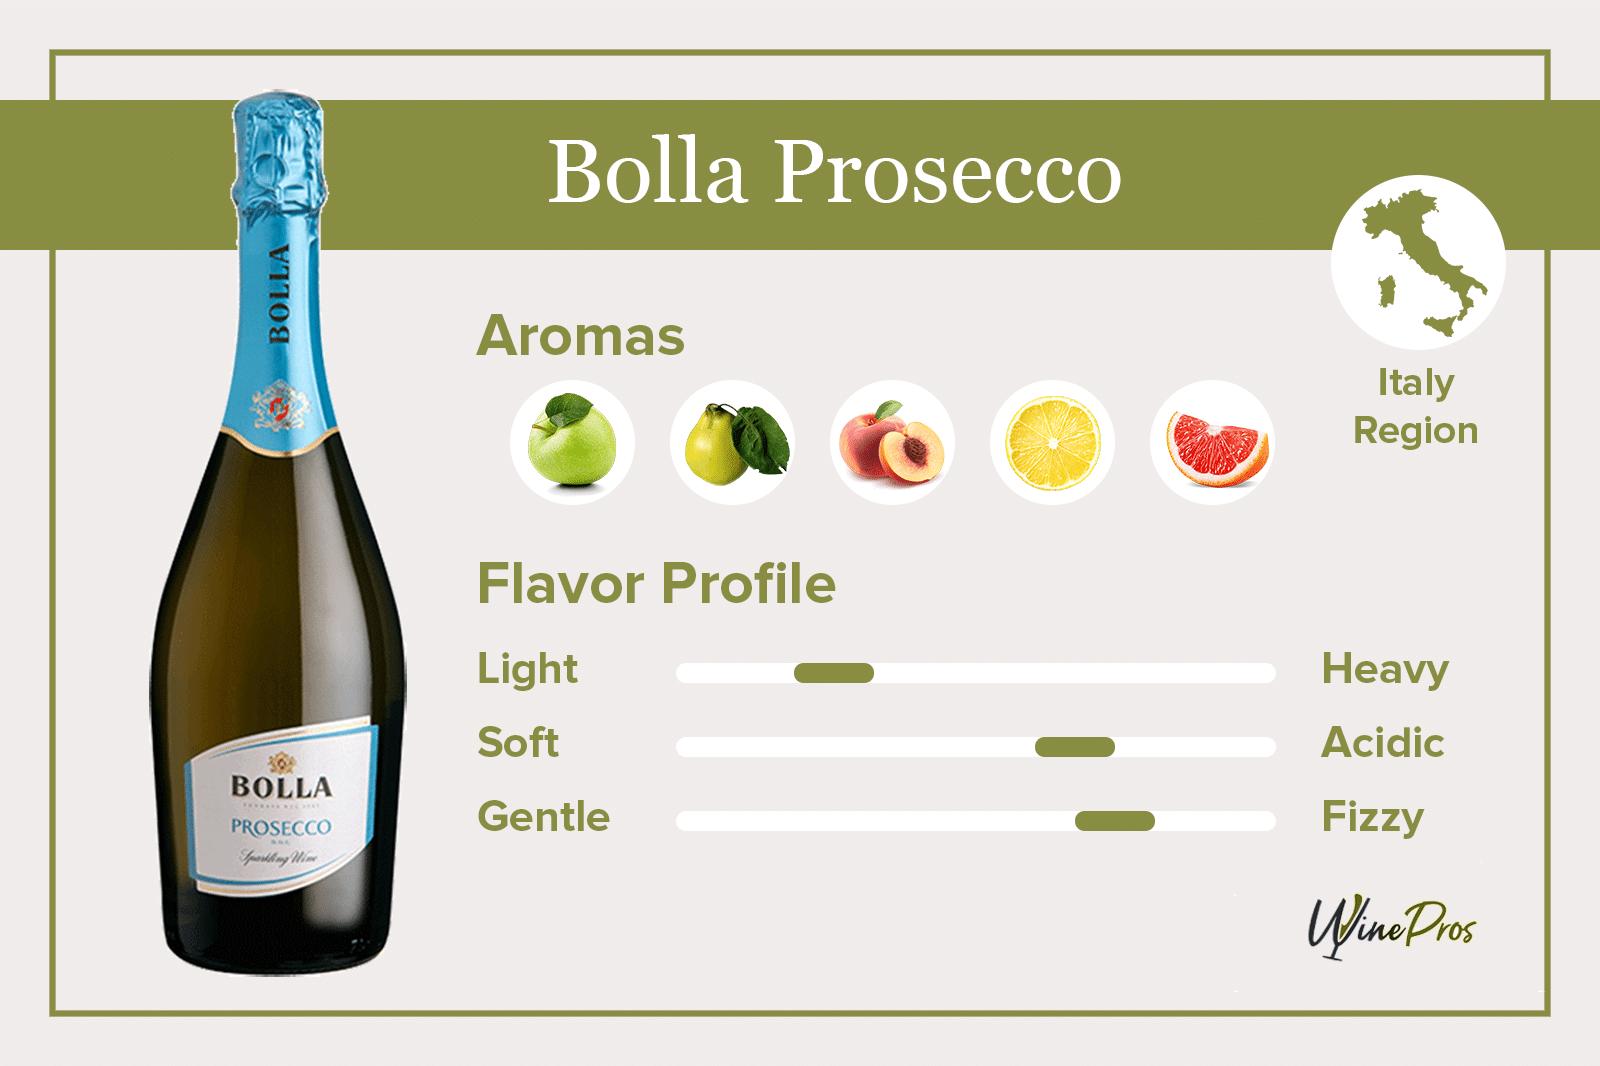 Bolla Prosecco Featured